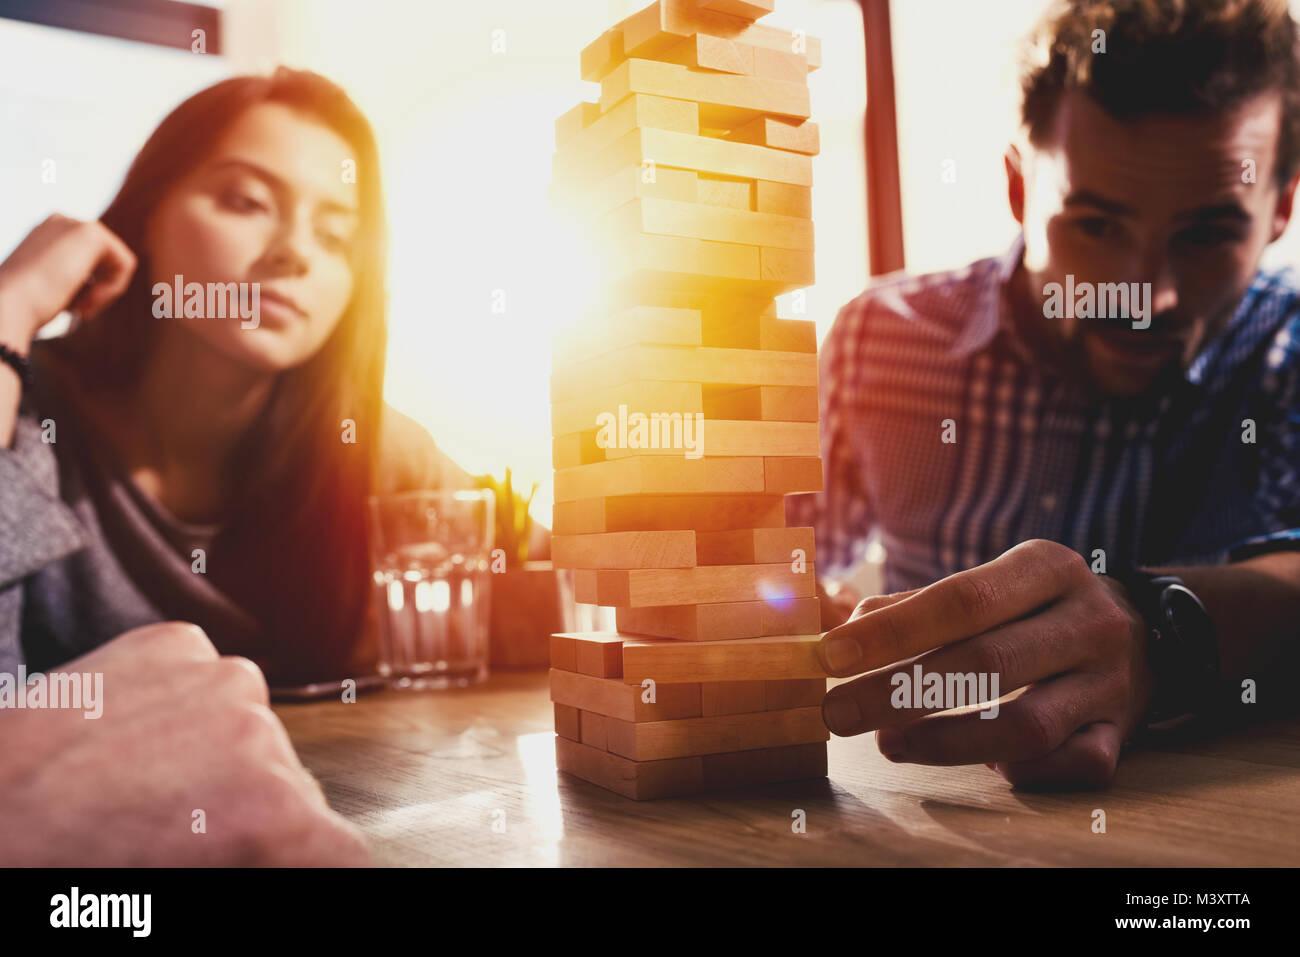 Les gens d'affaires de l'équipe de construire un bâtiment de bois. concept de partenariat d'équipe Photo Stock